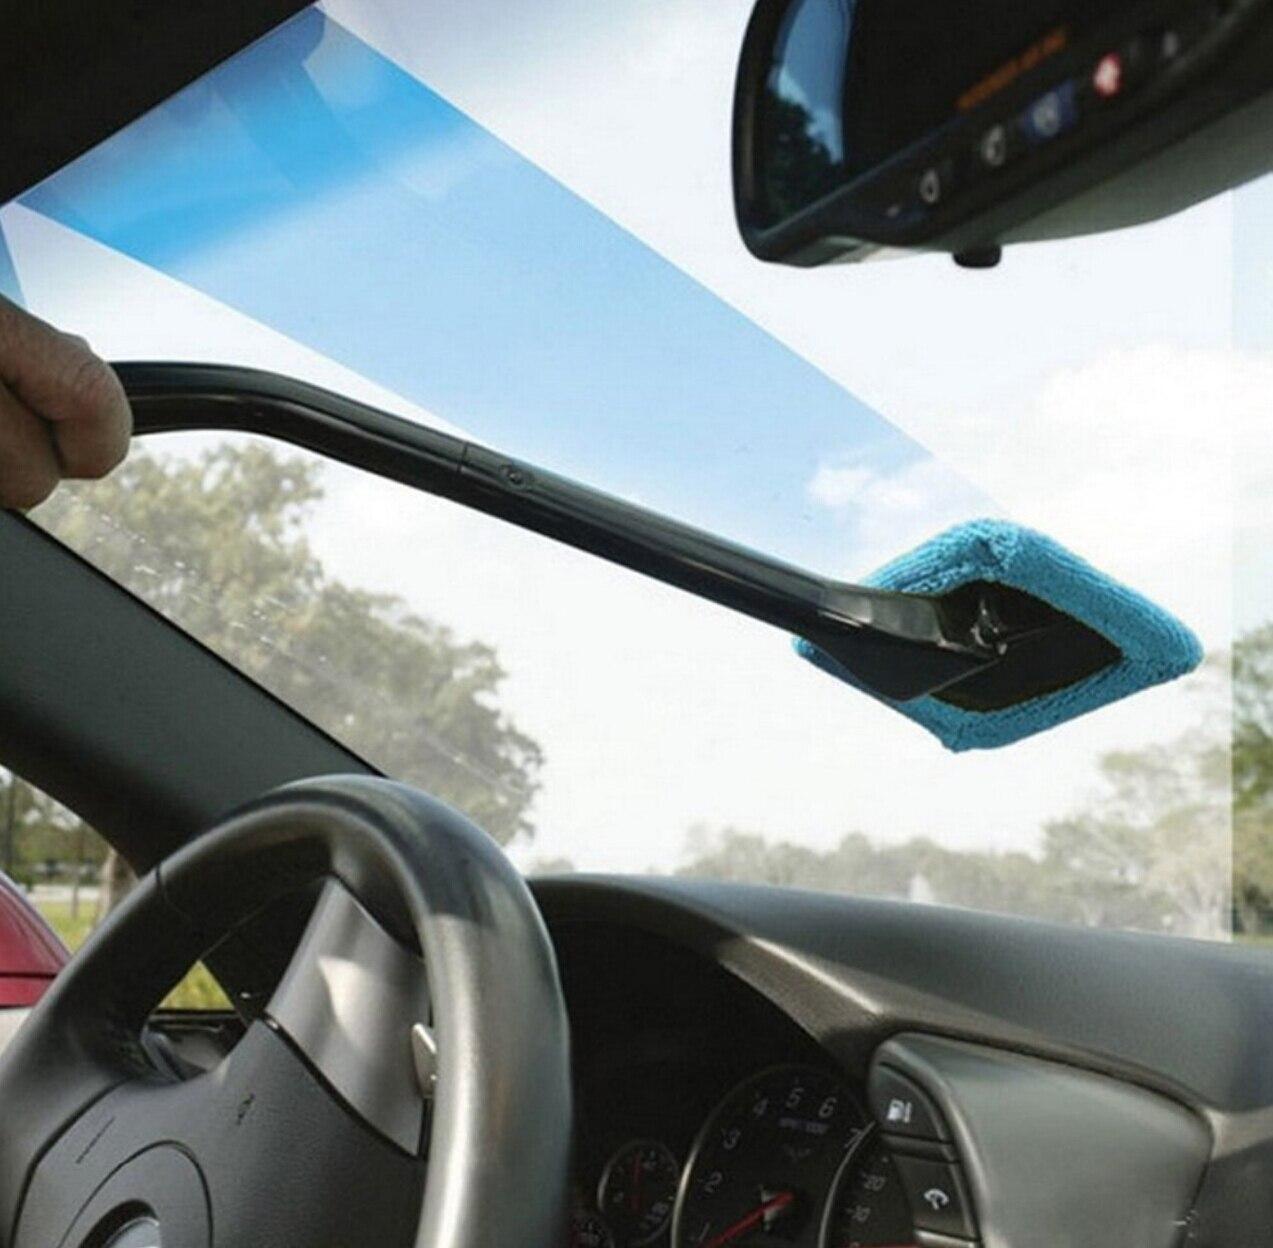 Auto Window Cleaner Wash Brush Car for Citroen C4 C5 C3 Picasso Xsara Berlingo Saxo C2 C1 C4L DS3 Xantia DS4 C8 C-Elysee 2cv